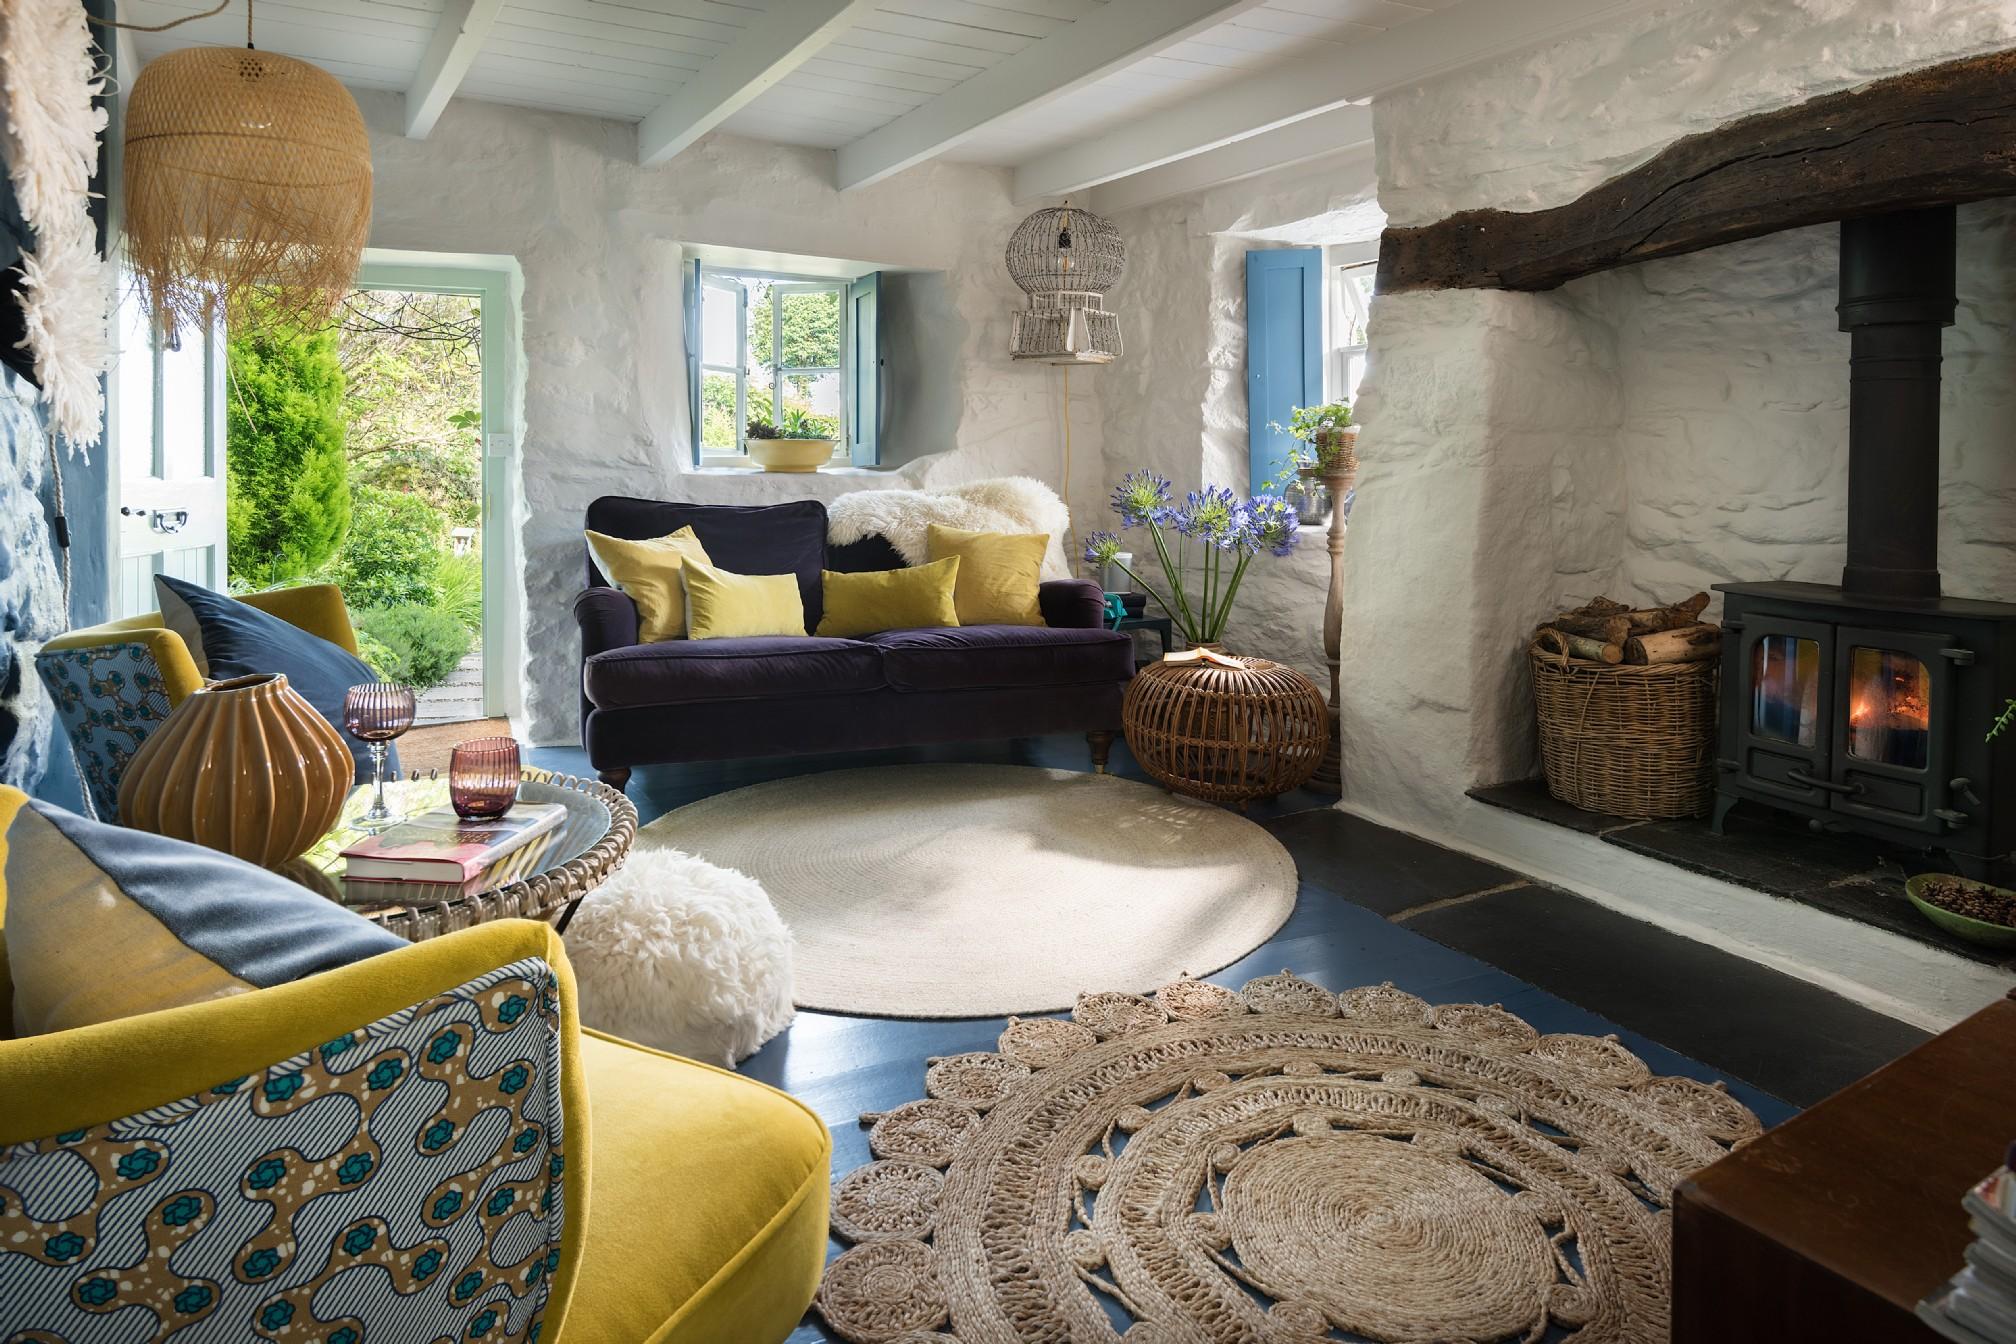 Albastru galben și mov în decorul rustic al unei case din Marea Britanie 1